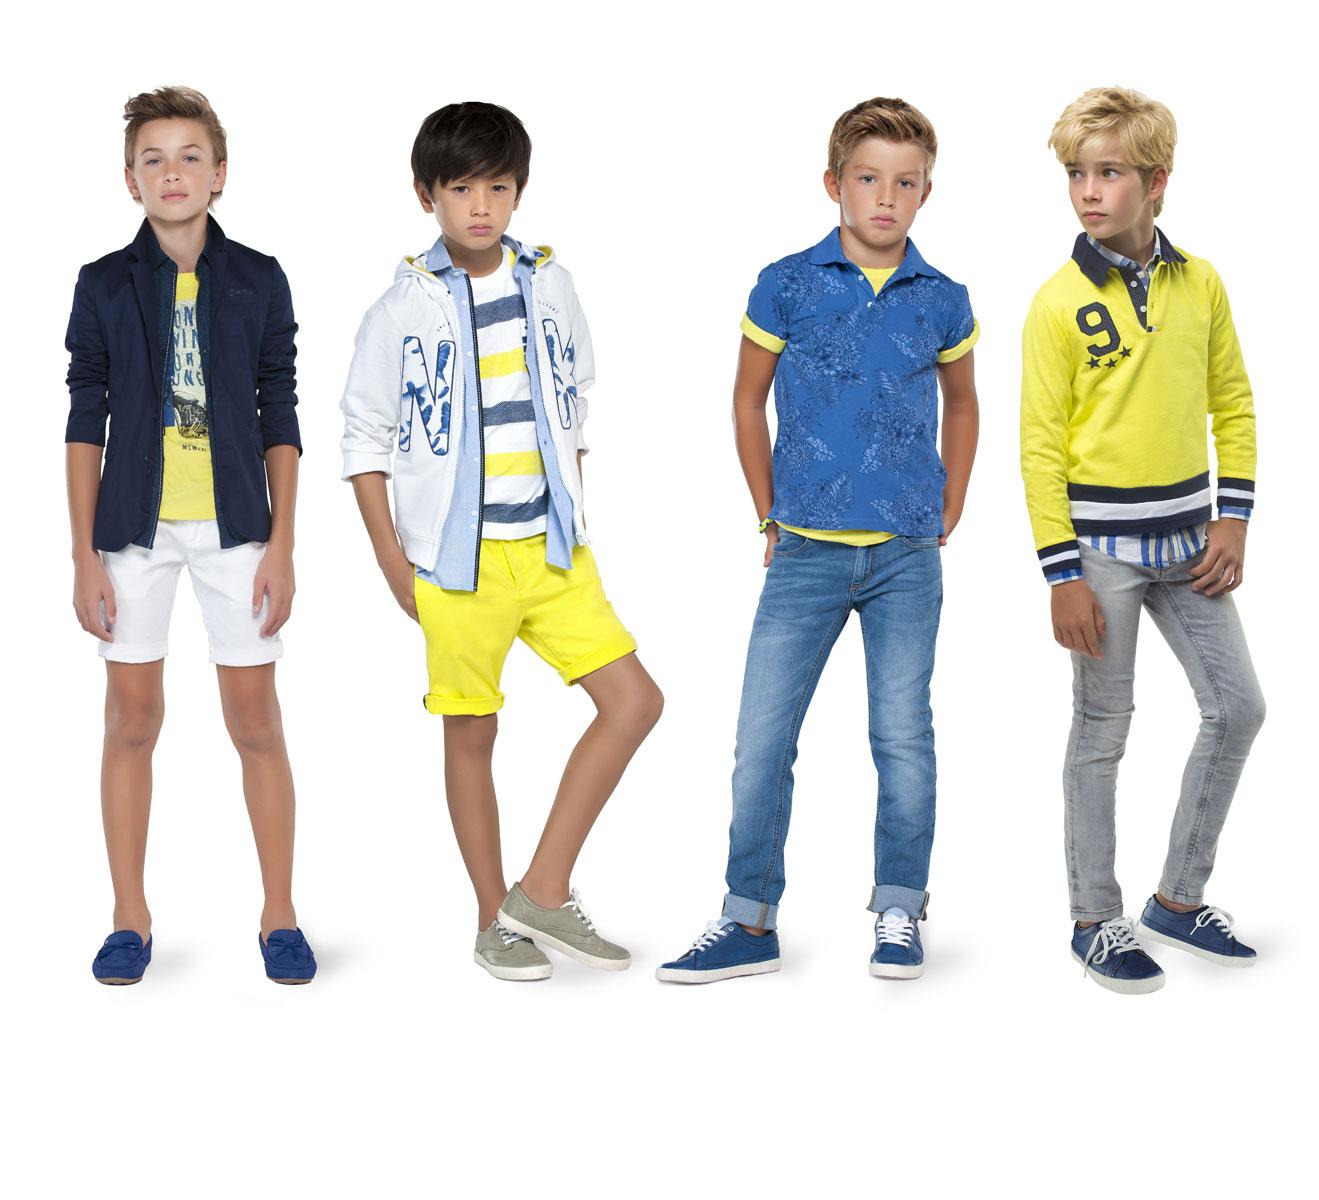 Одежда для подростков мальчиков картинки